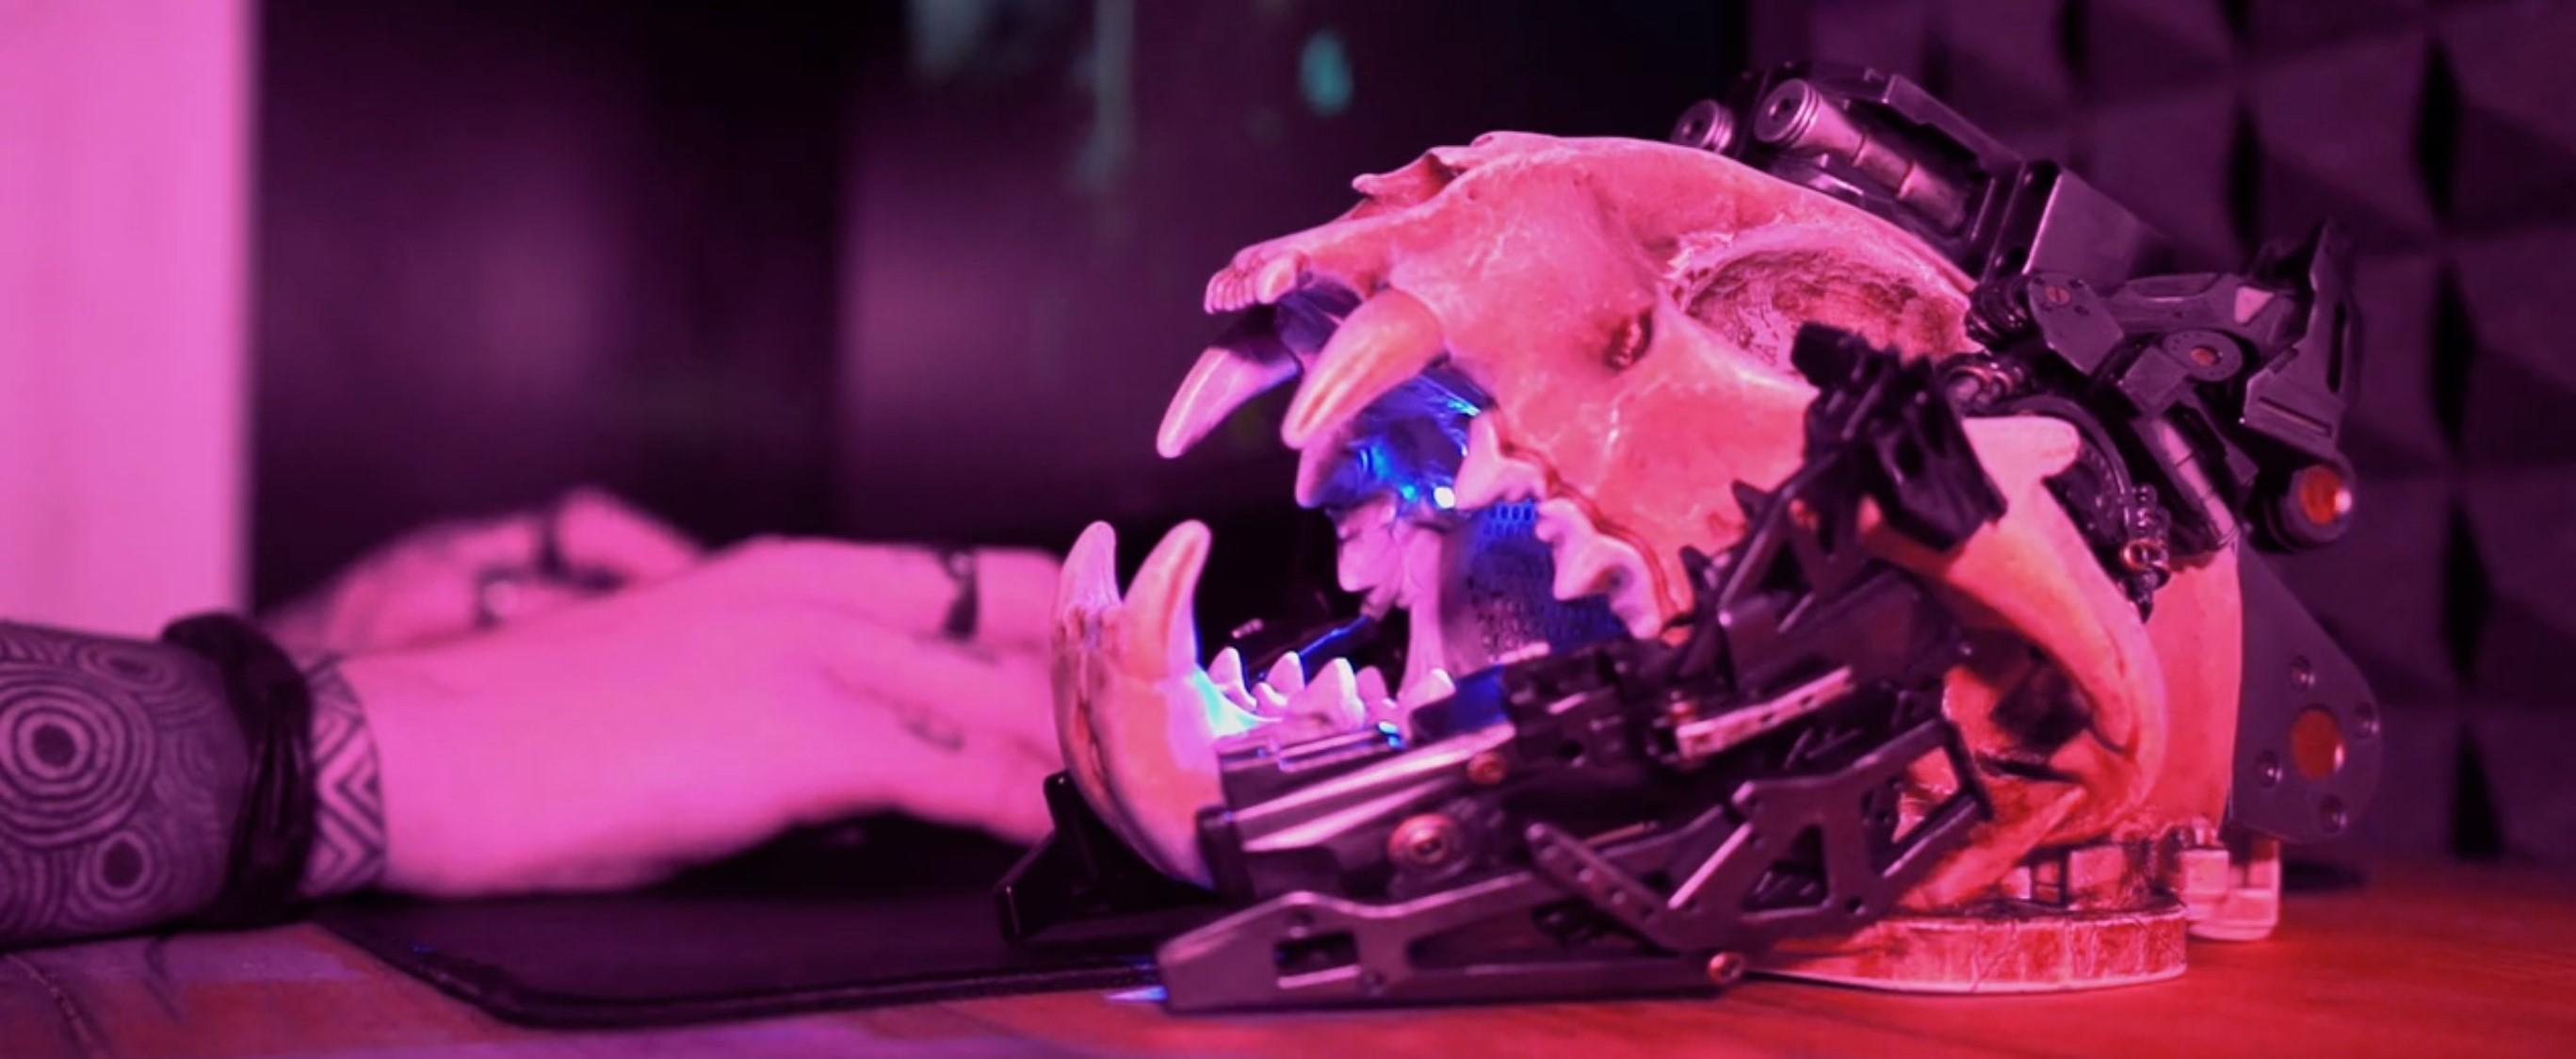 Dotąd nie wiedziałeś, że potrzebujesz głośnika Bluetooth w kształcie czaszki cyber-rysia 22